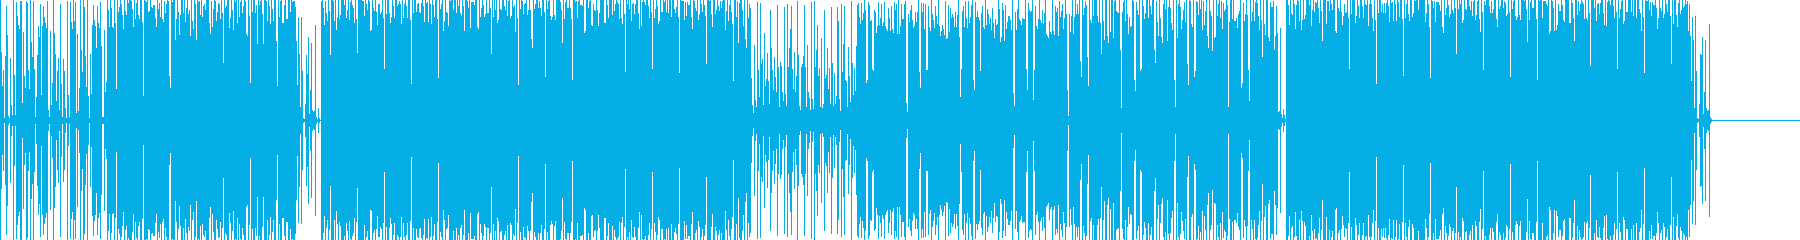 サンプリングされたサウンドとドラム...の再生済みの波形